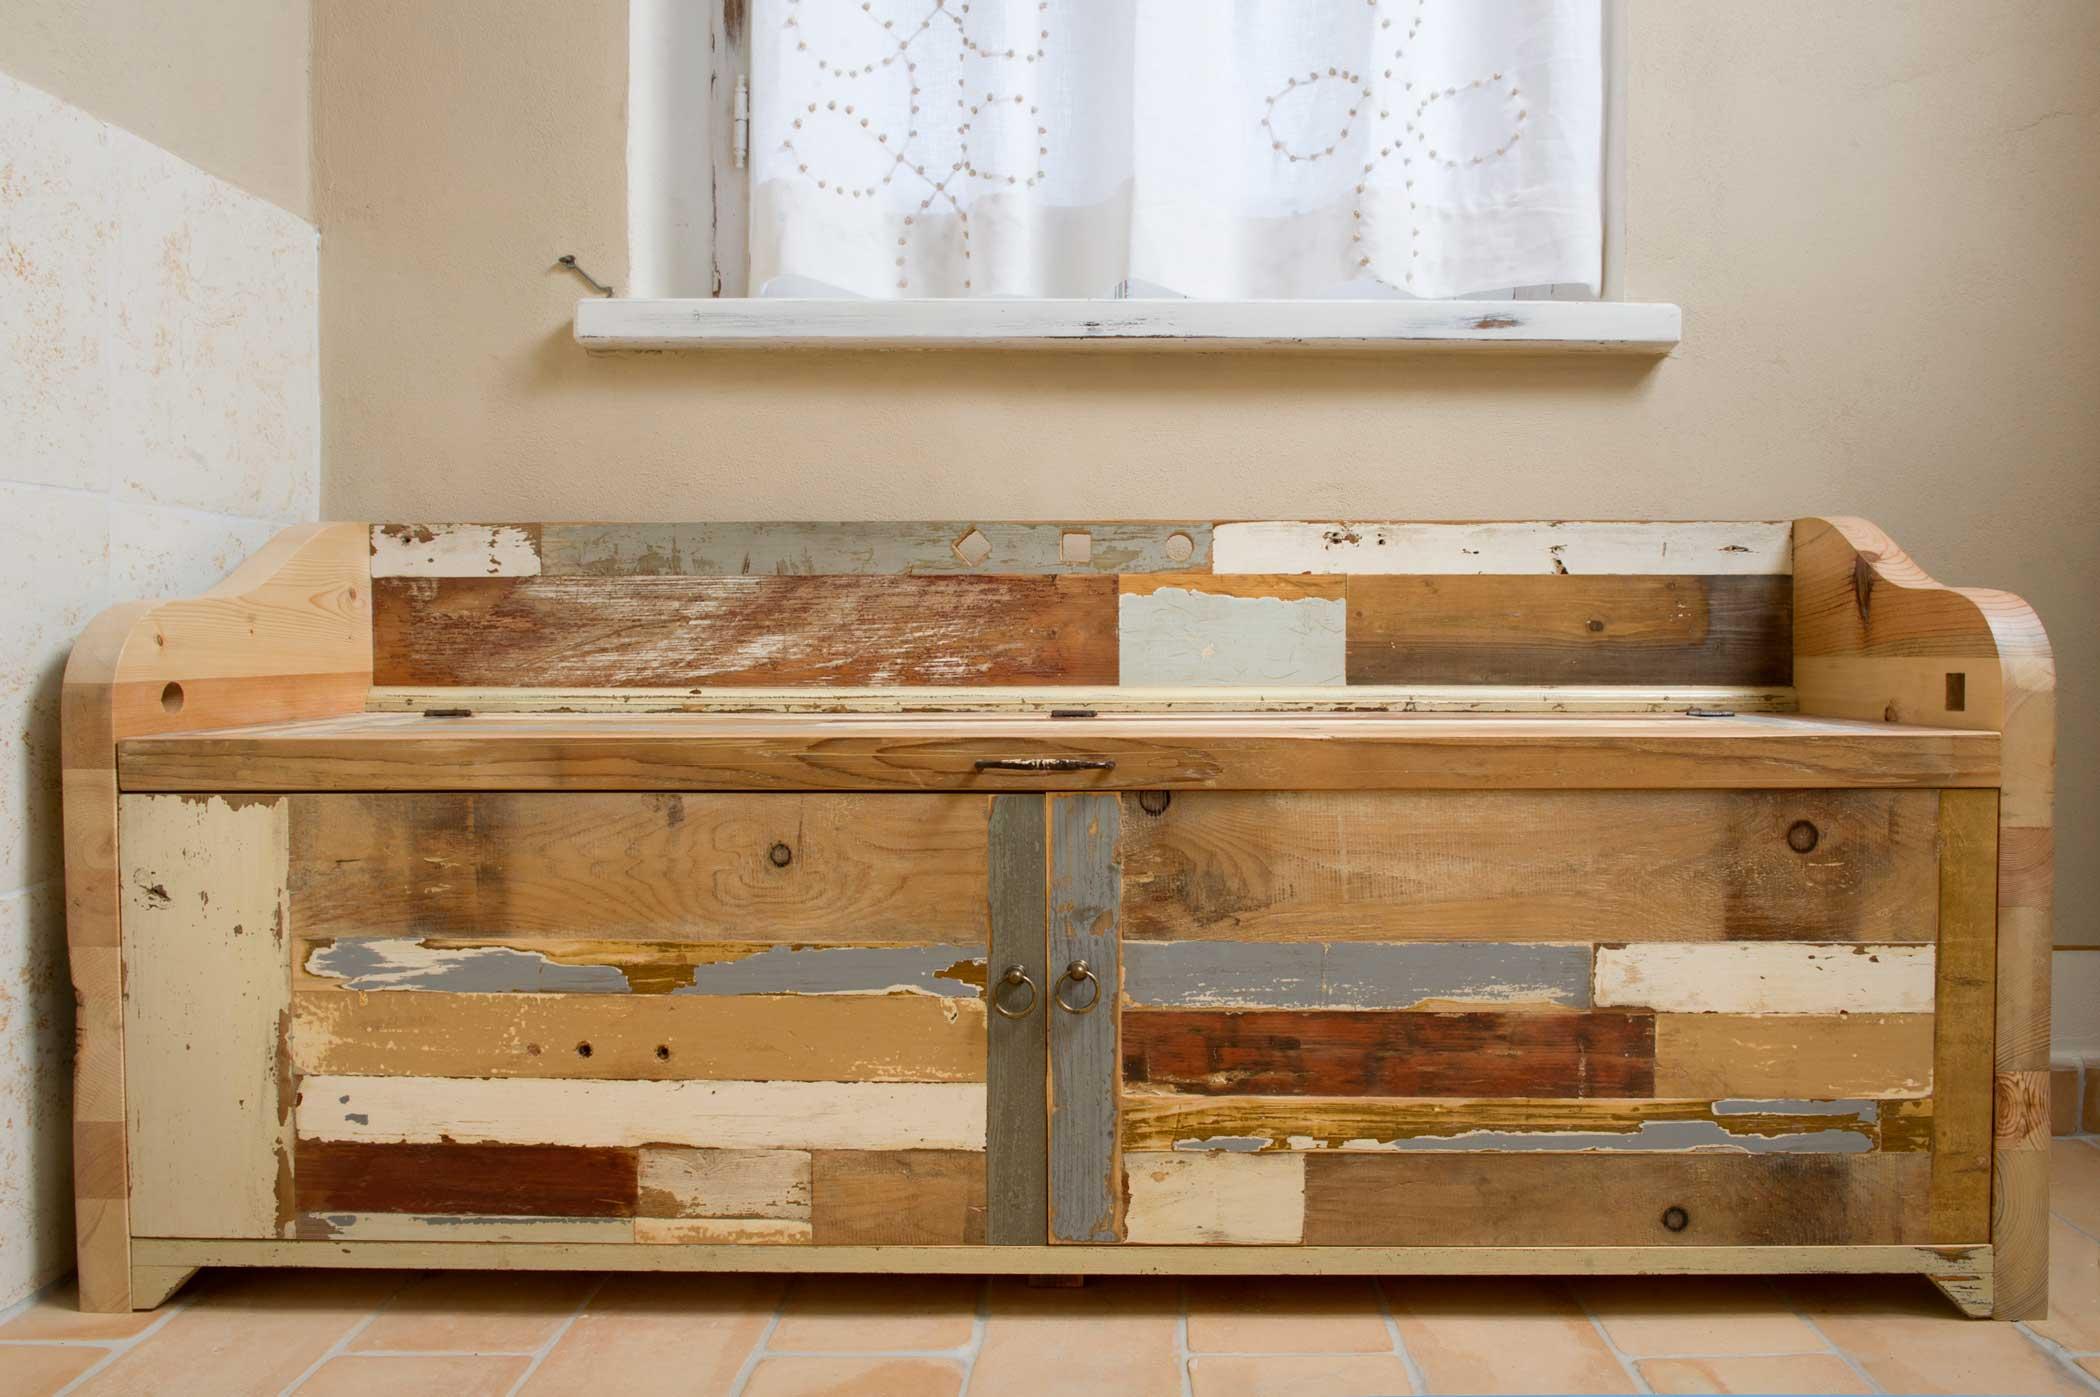 Cassapanca con schienale in diverse essenze di legno riutilizzato Alcuni pezzi di legno sono al naturale altri hanno la antica patina colorata originale.